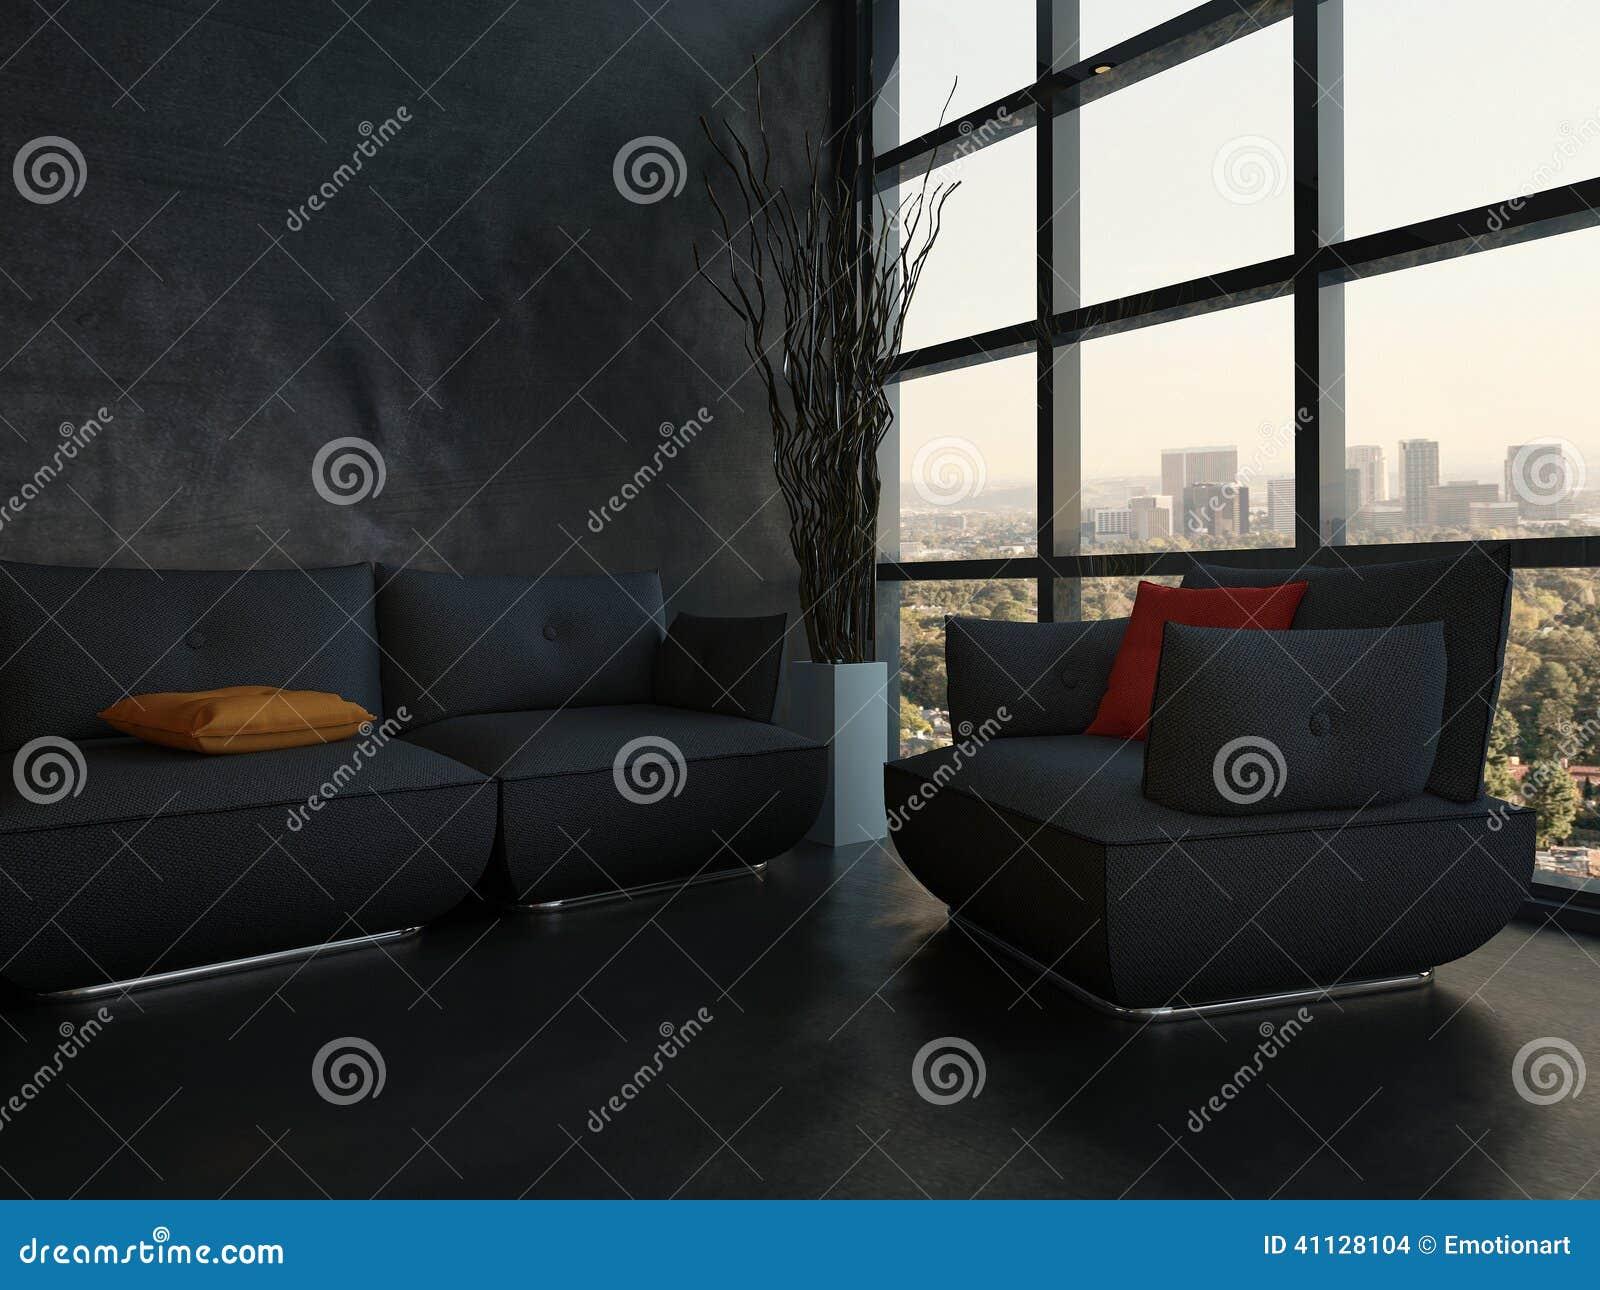 Schwarze Couch Mit Bunten Kissen Gegen Holzerne Wand Stock Abbildung